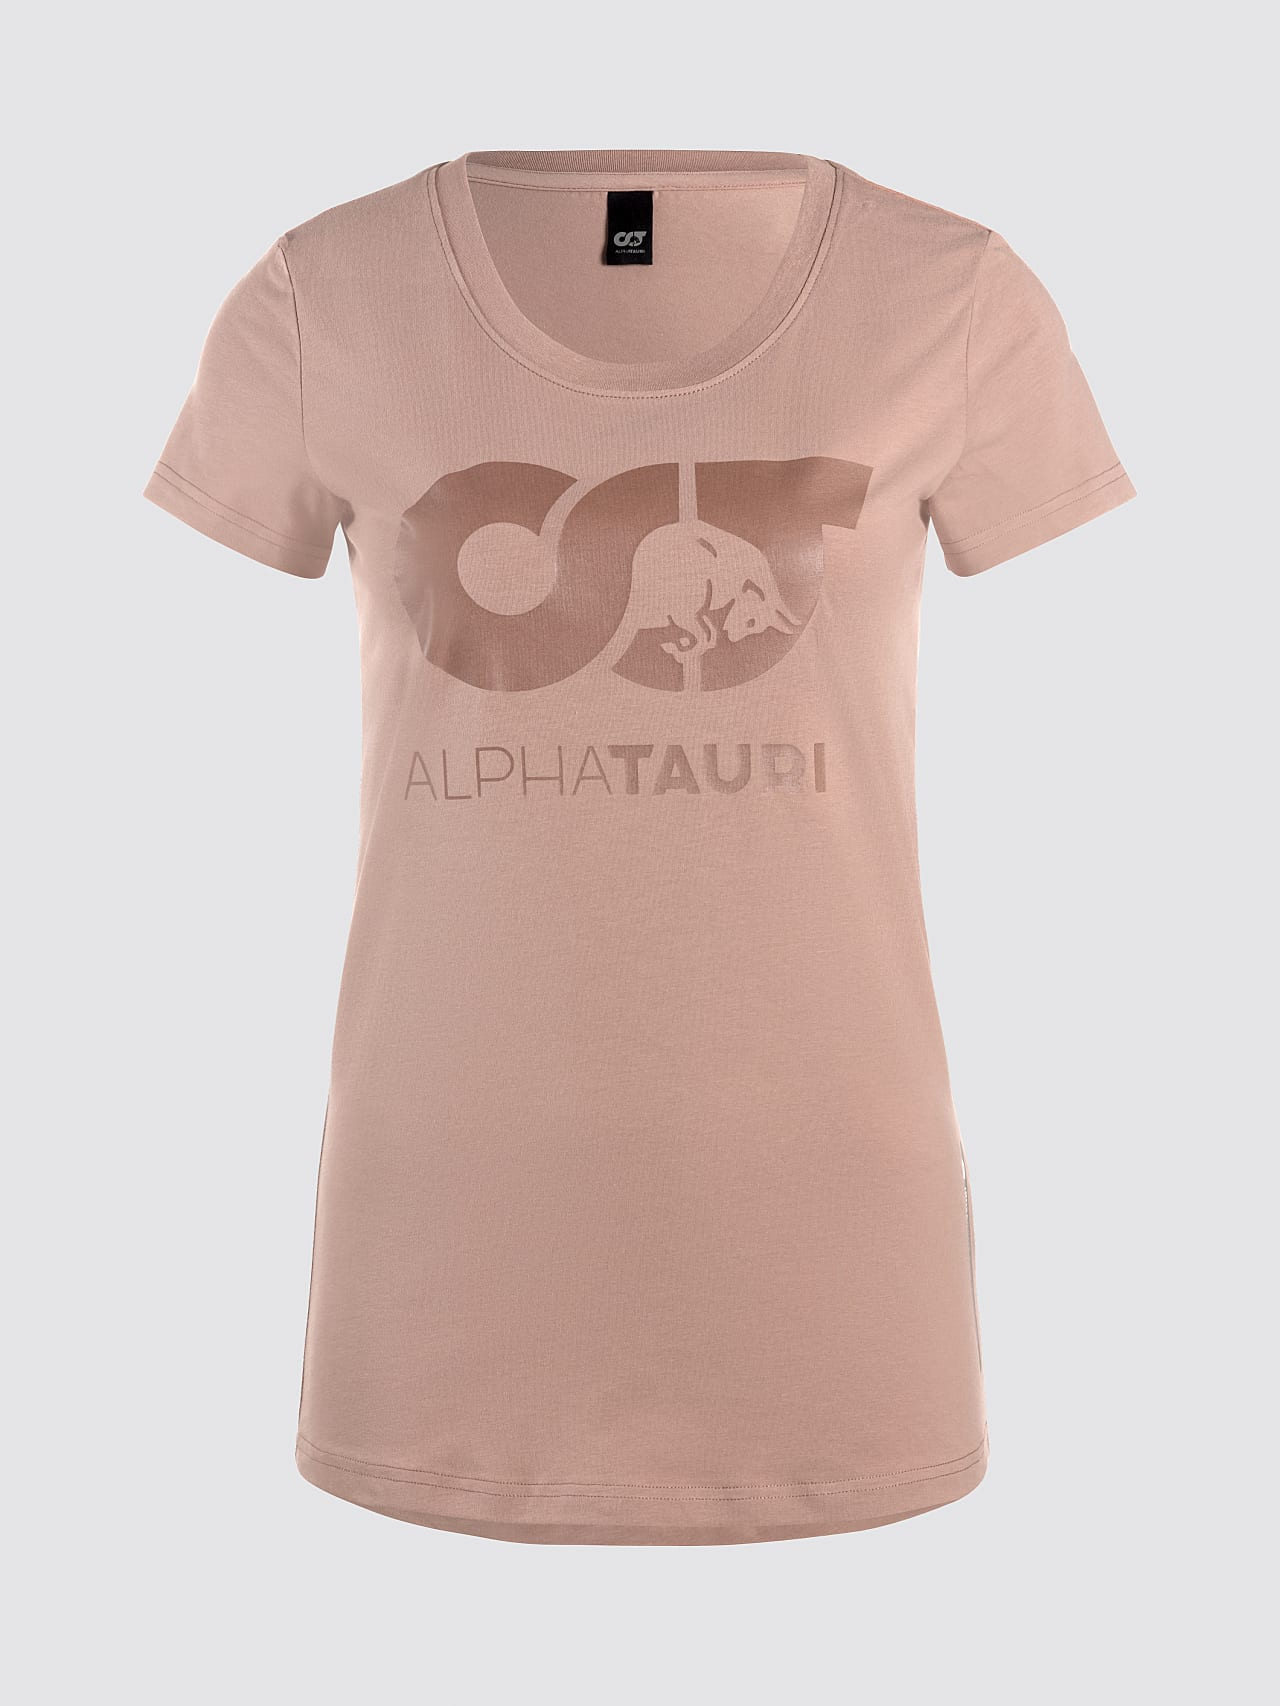 JERU V2.Y4.02 Signature Logo T-Shirt Rosé Hinten Alpha Tauri